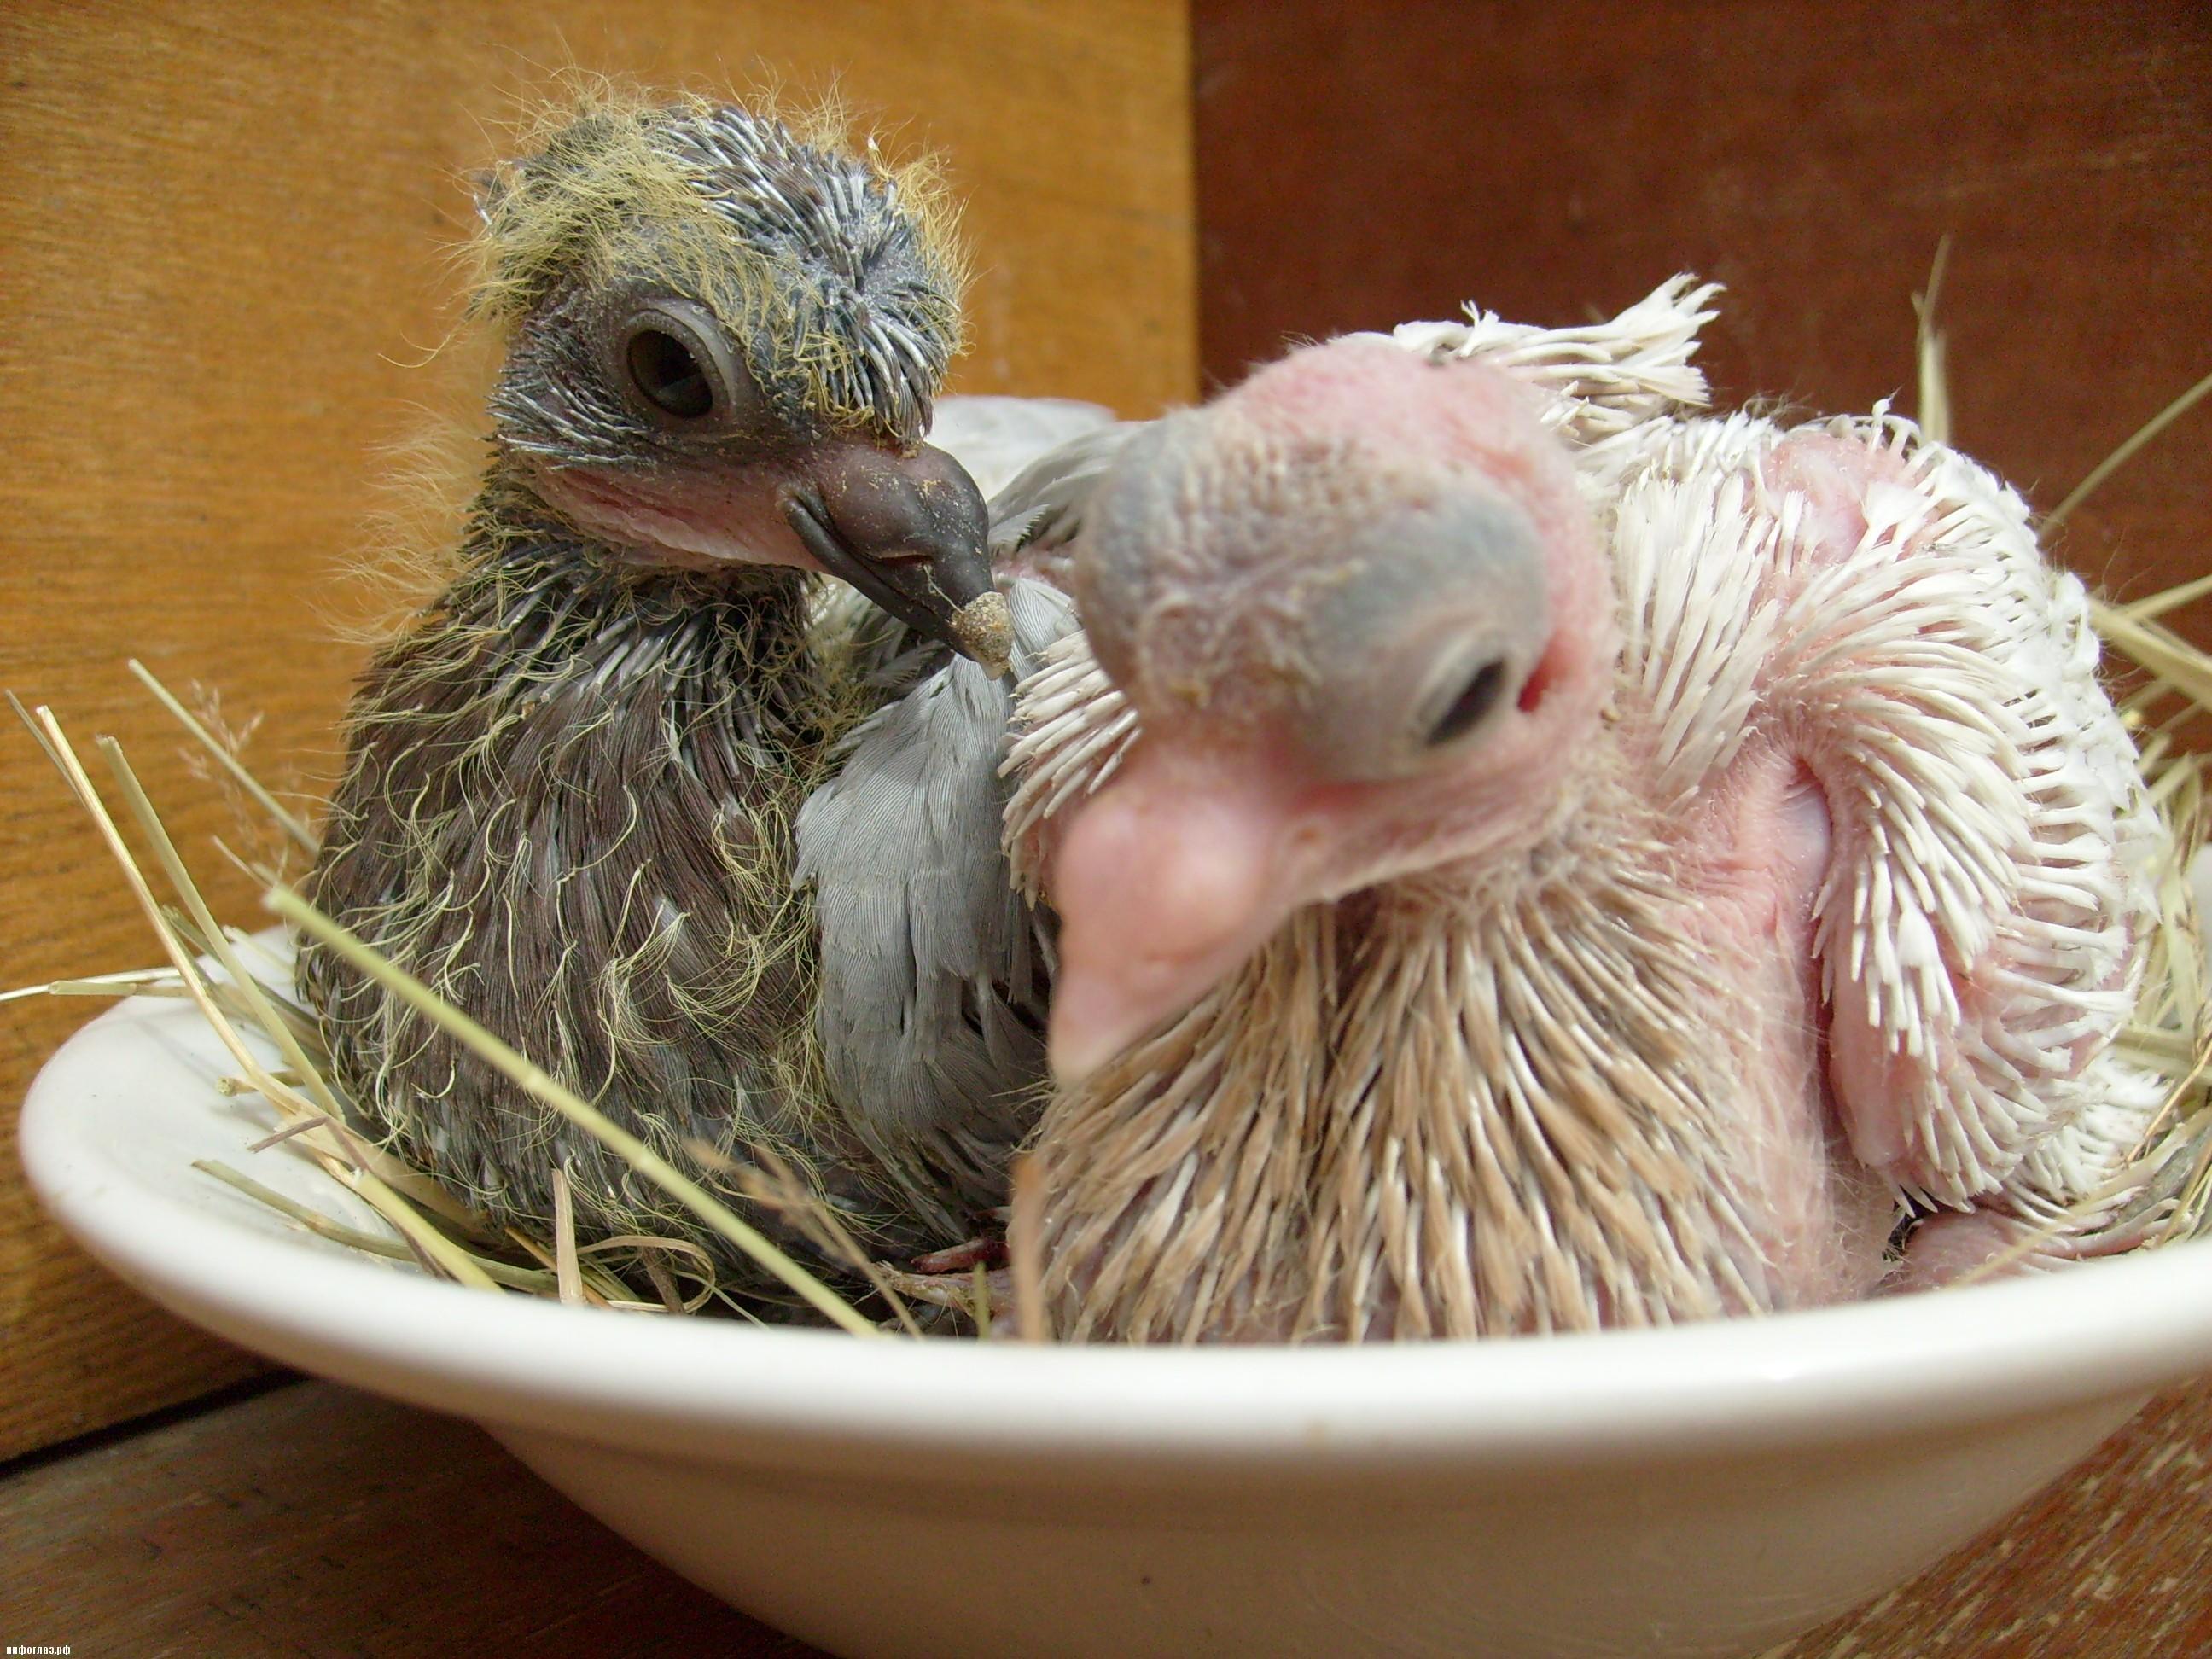 Птенец голубя, птенцы голубей, маленькие голуби (фото и видео)